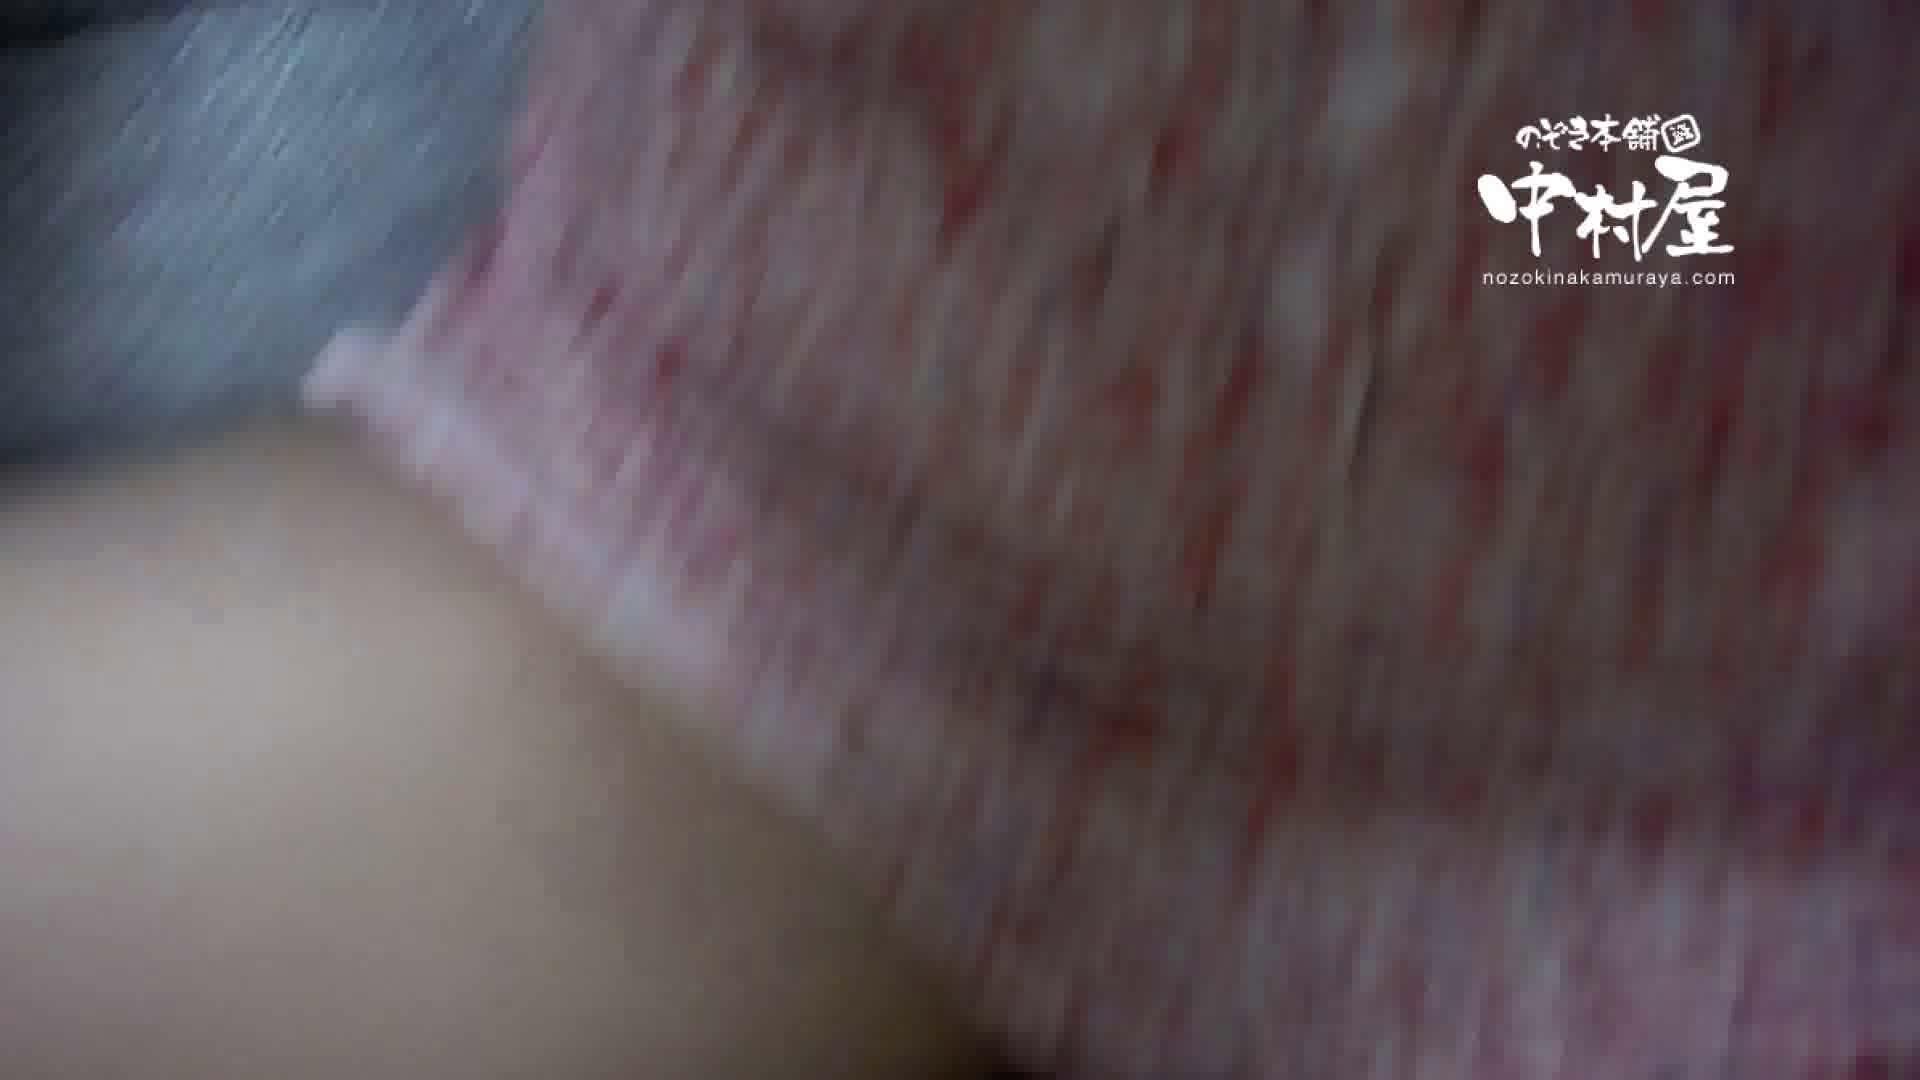 鬼畜 vol.16 実はマンざらでもない柔らかおっぱいちゃん 前編 鬼畜 オマンコ無修正動画無料 93pic 53